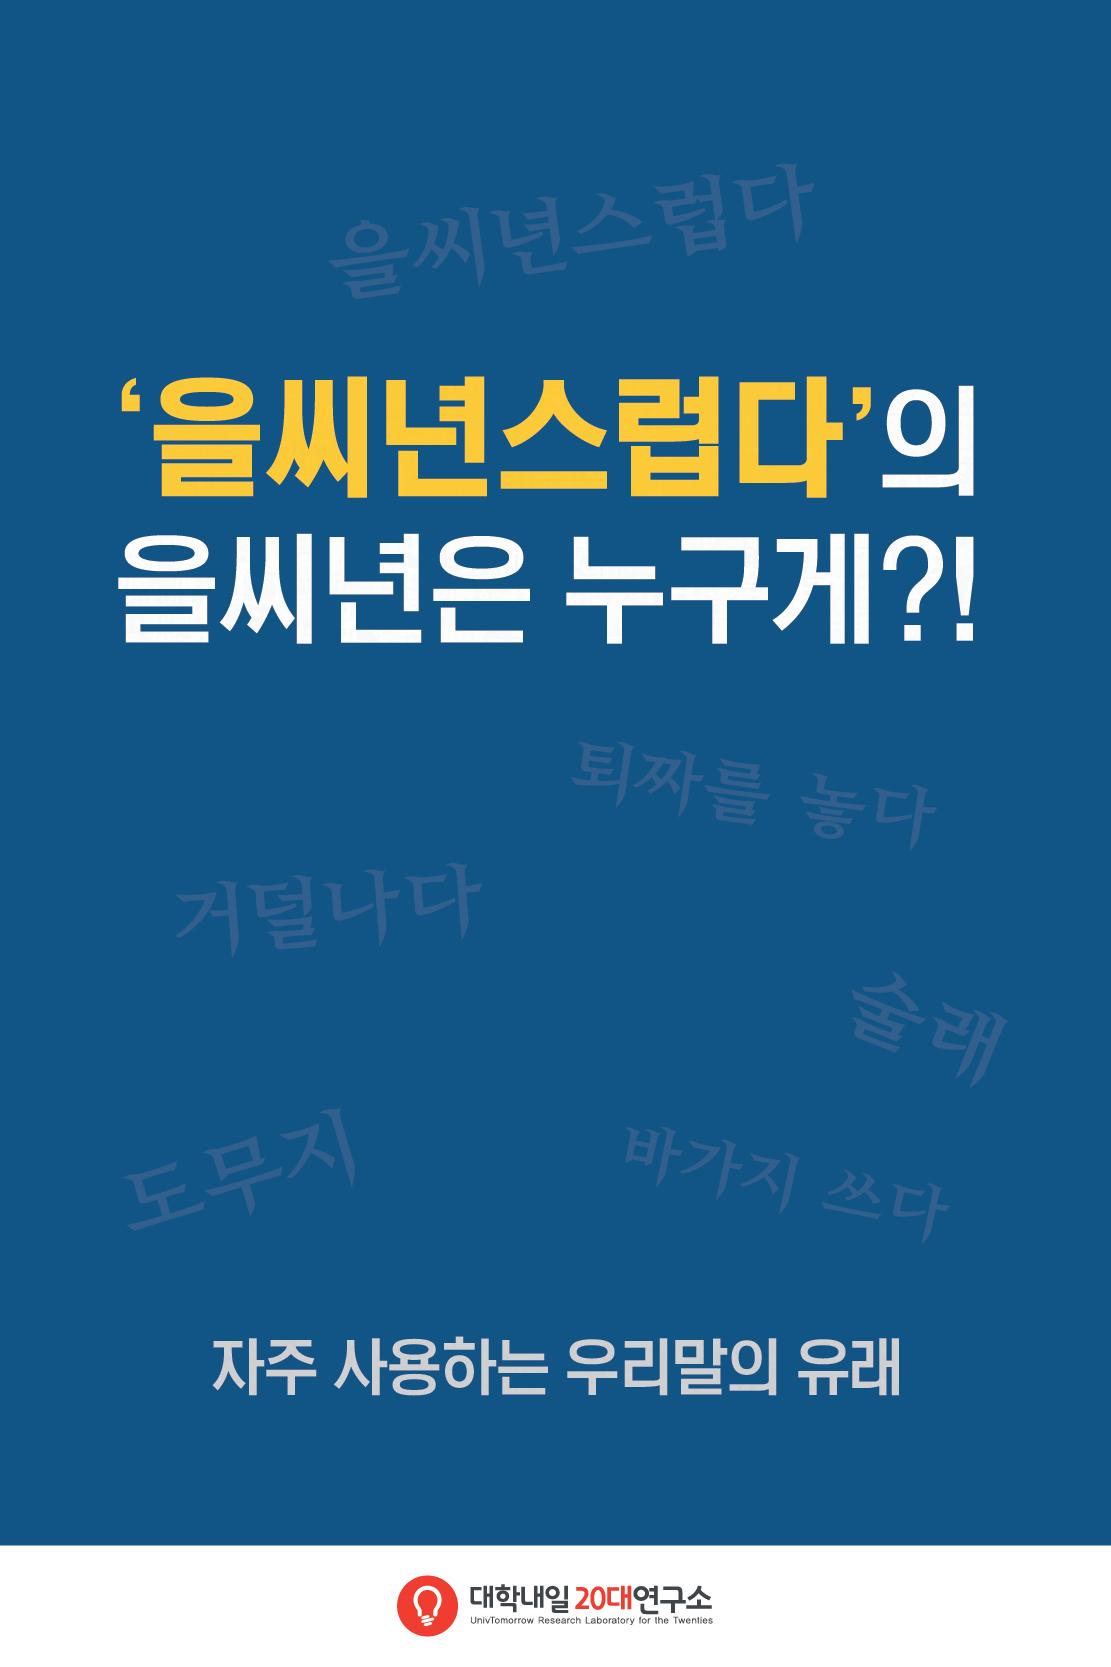 한글날_우리말유래_최종-01